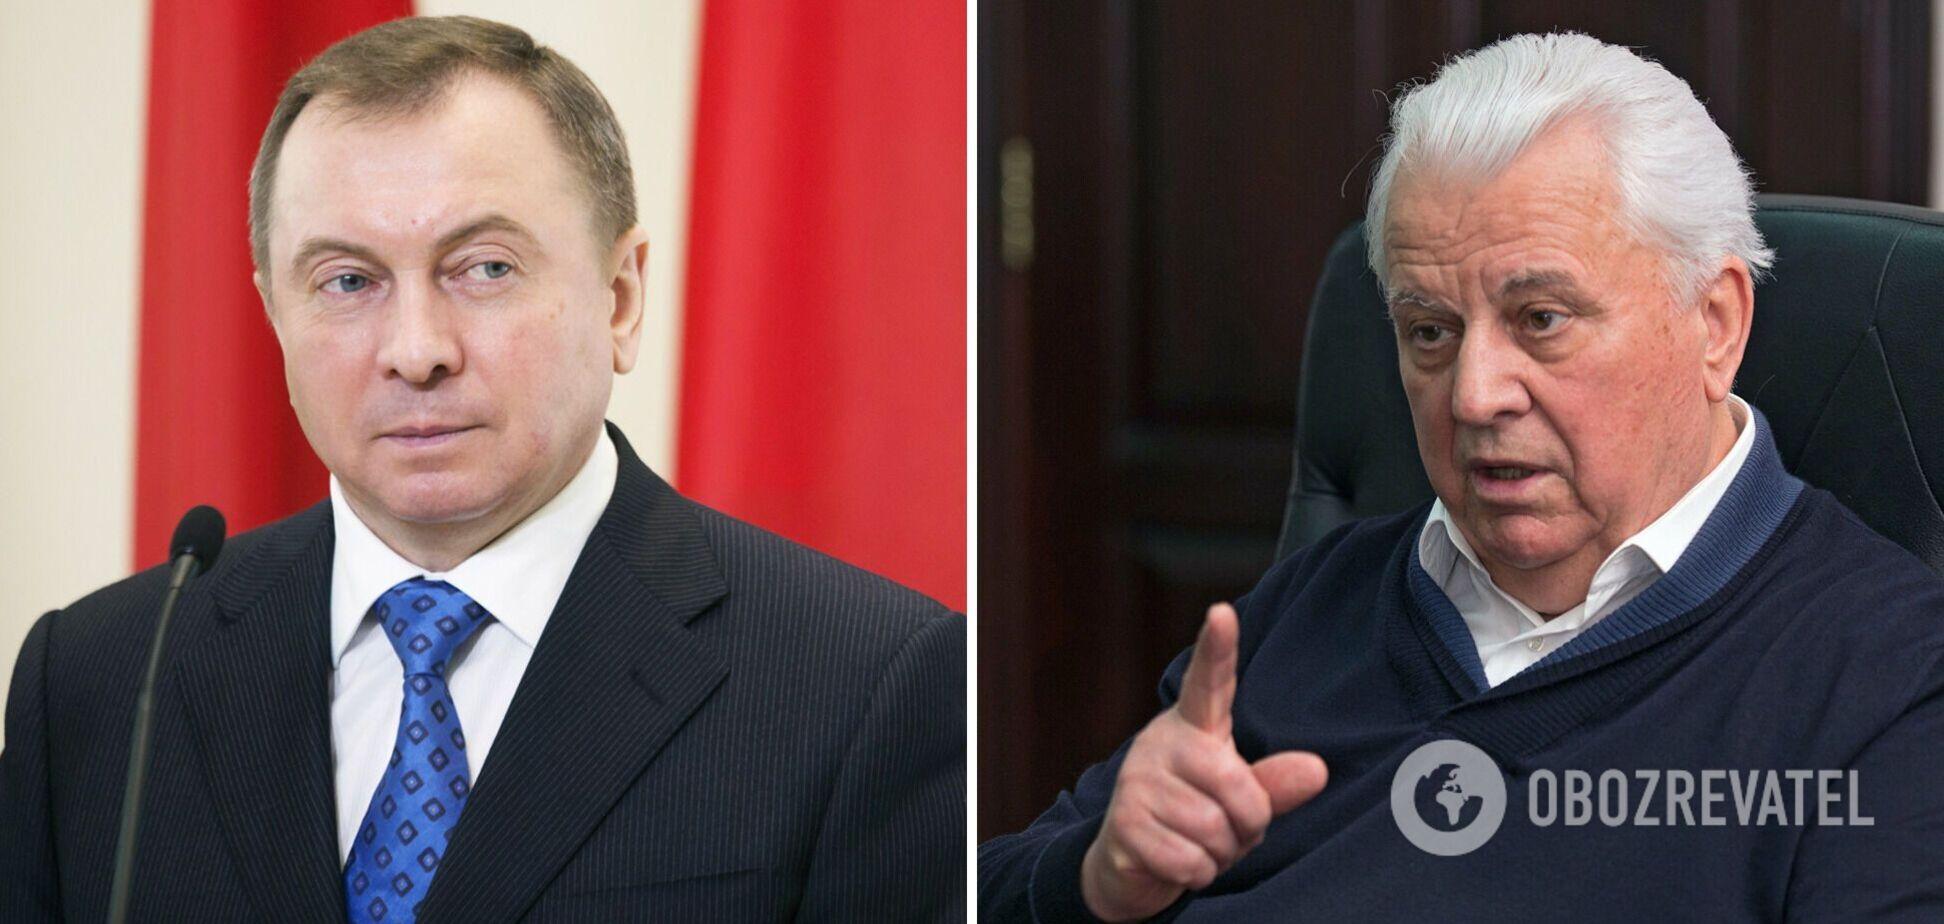 В Беларуси назвали 'вакханалией' планы Украины перенести переговоры ТКГ в Польшу